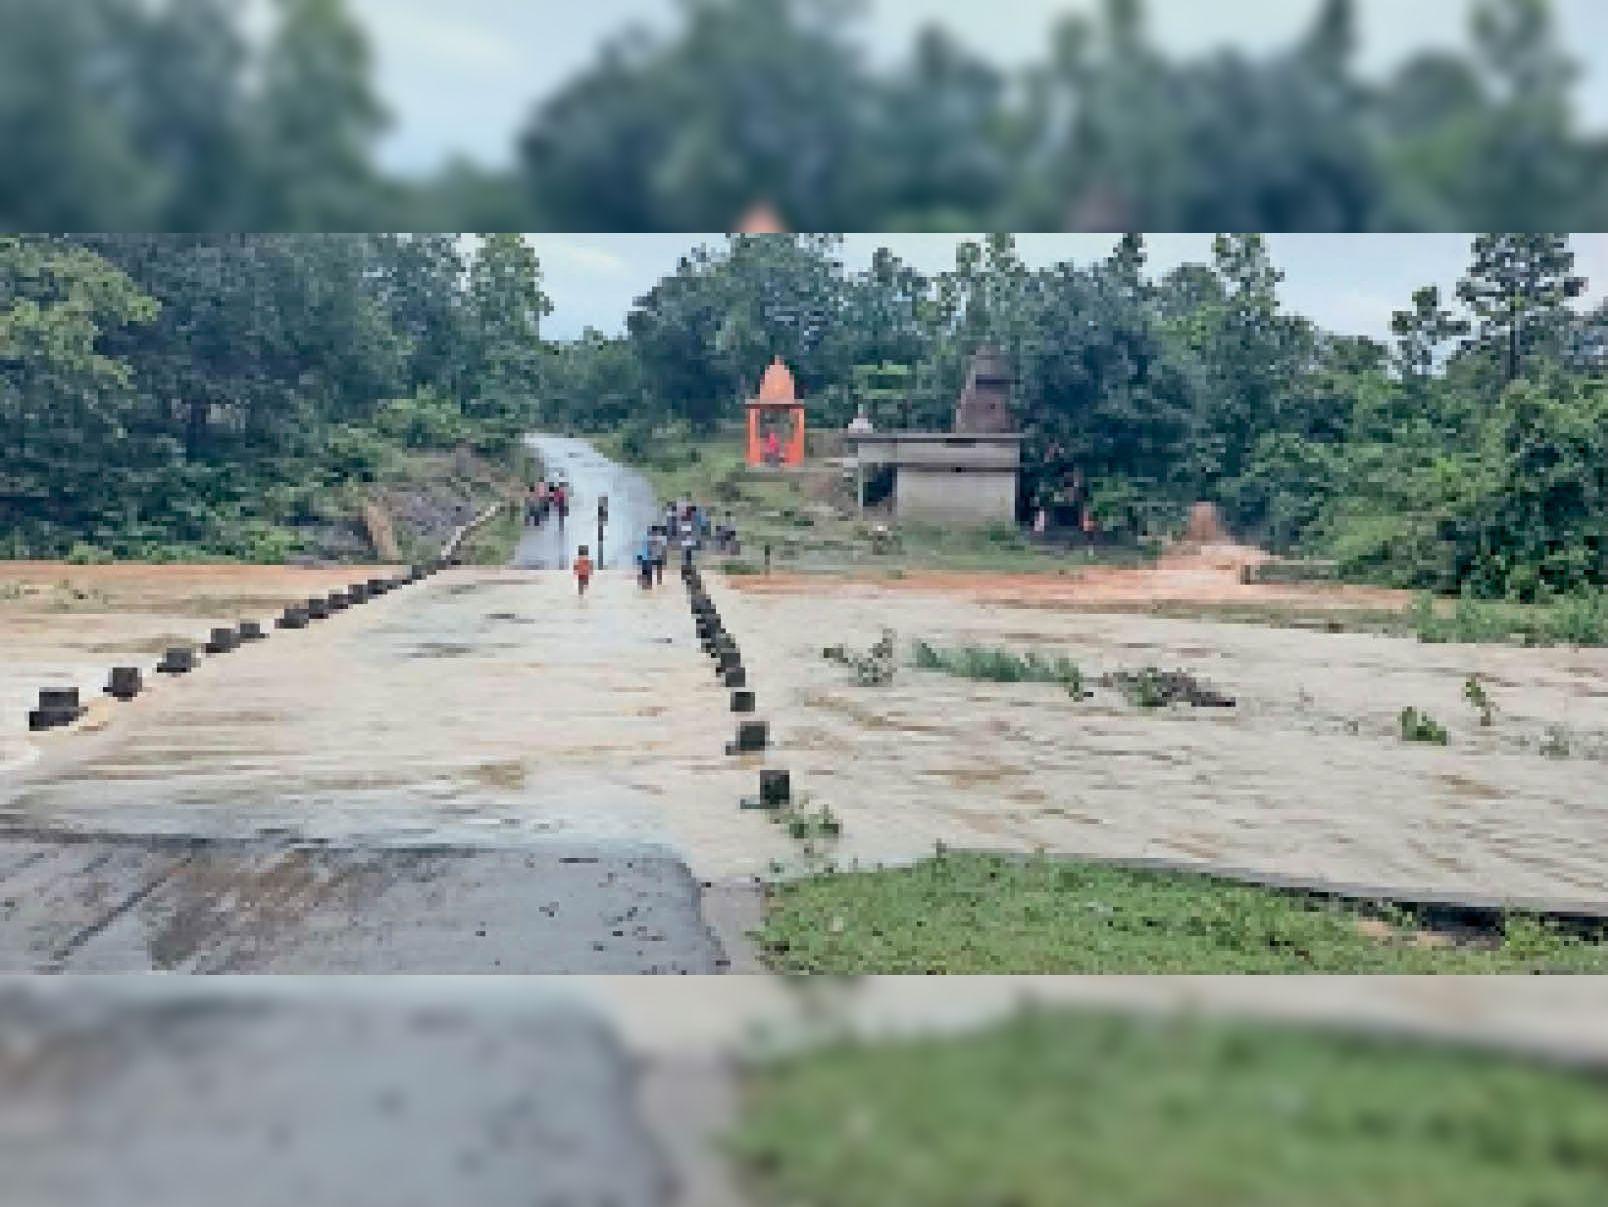 कोरबा. जिले में मंगलवार को हुई भारी बारिश के कारण नोनबिर्रा से रामपुर के बीच नाले के पुल के ऊपर से पानी बहता रहा। - Dainik Bhaskar